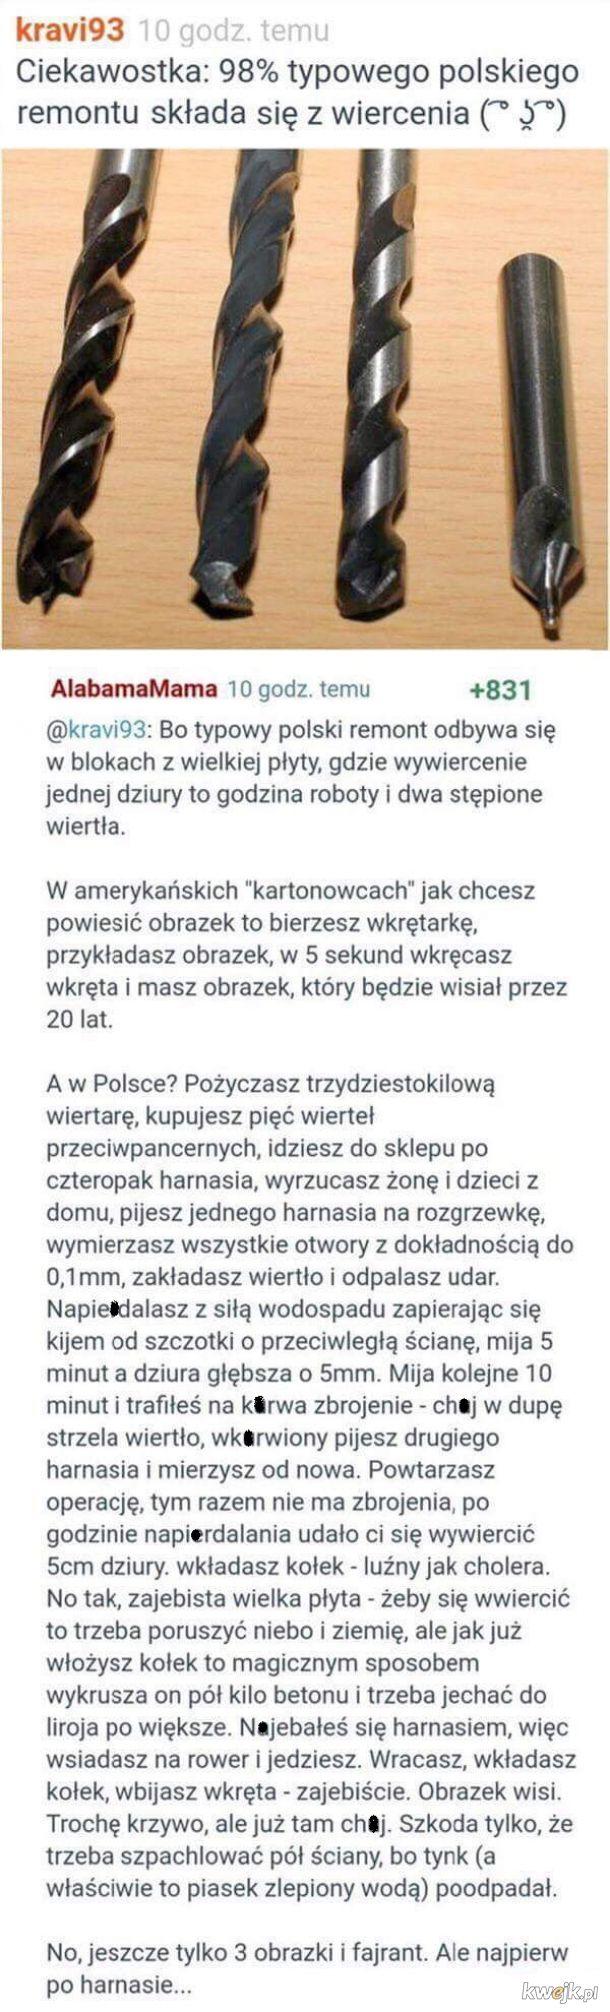 Polski remont w pigułce